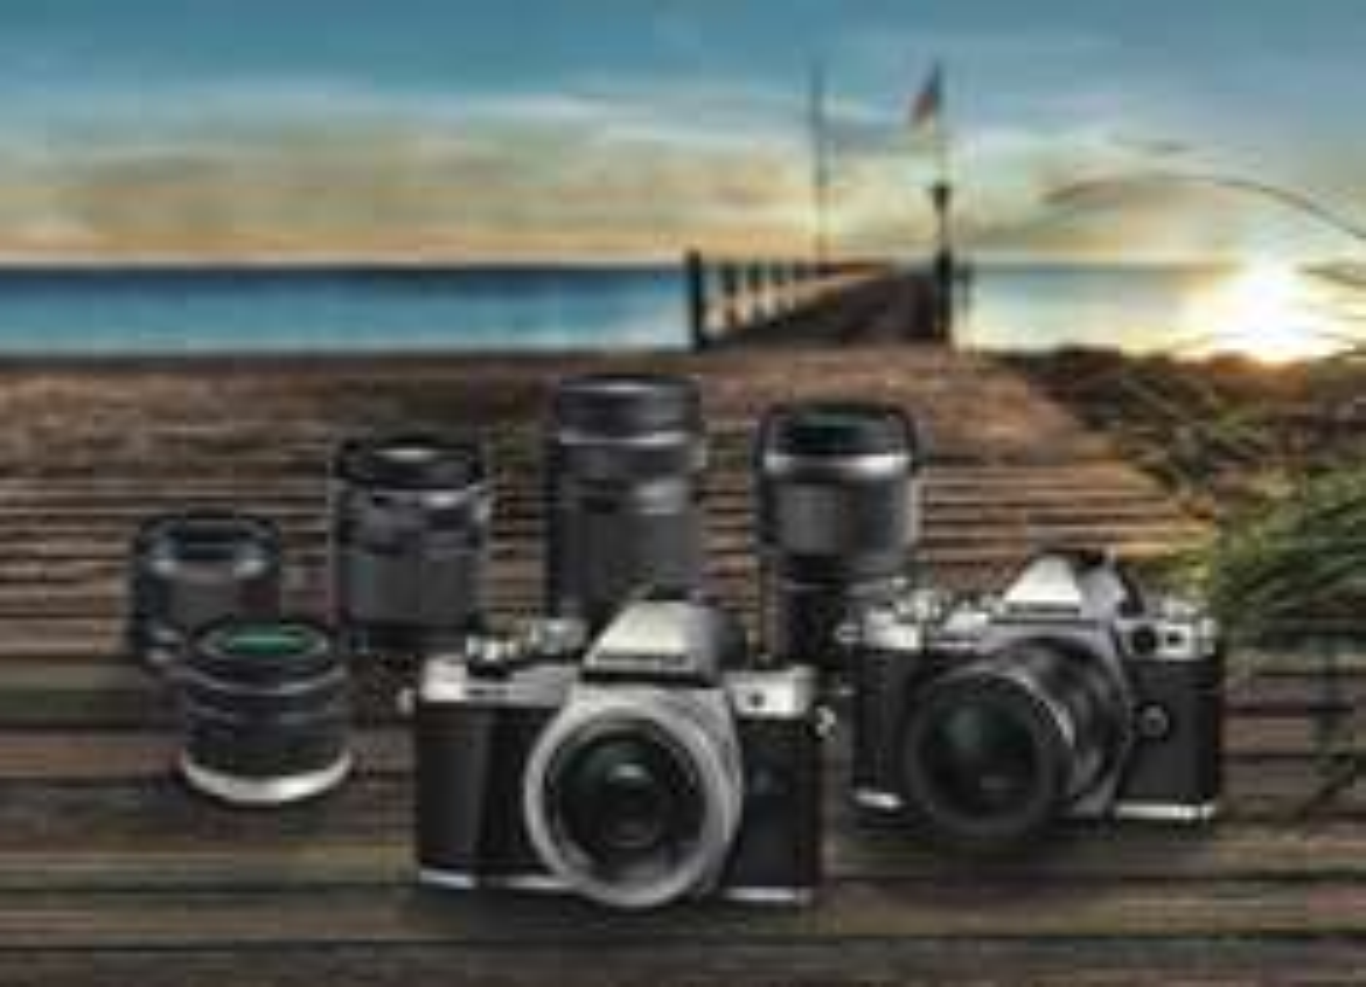 [CASHBACK] Kup wybrane aparaty Olympus OM-D lub obiektywy Zuiko i otrzymaj zwrot do 550zł